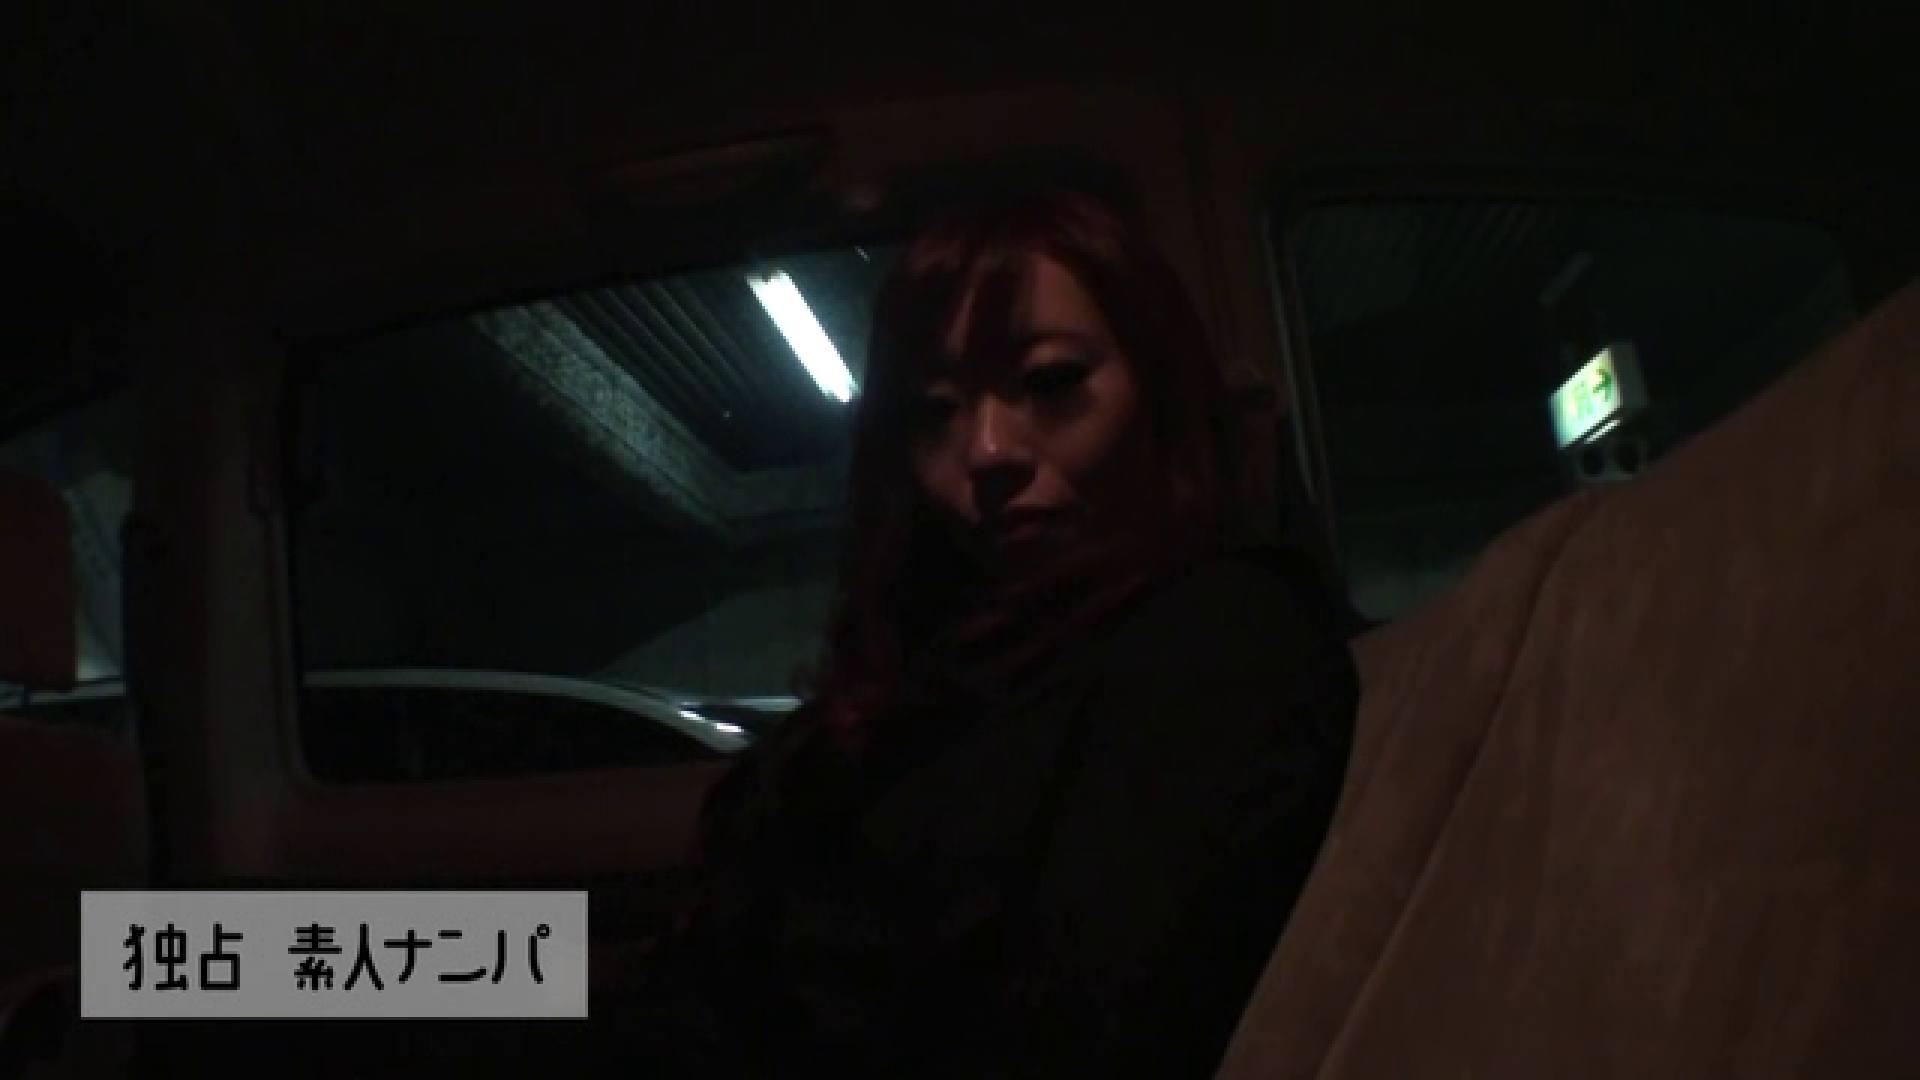 独占入手!!ヤラセ無し本物素人ナンパ 仕事帰りのOL編 素人丸裸 エロ無料画像 81pic 26